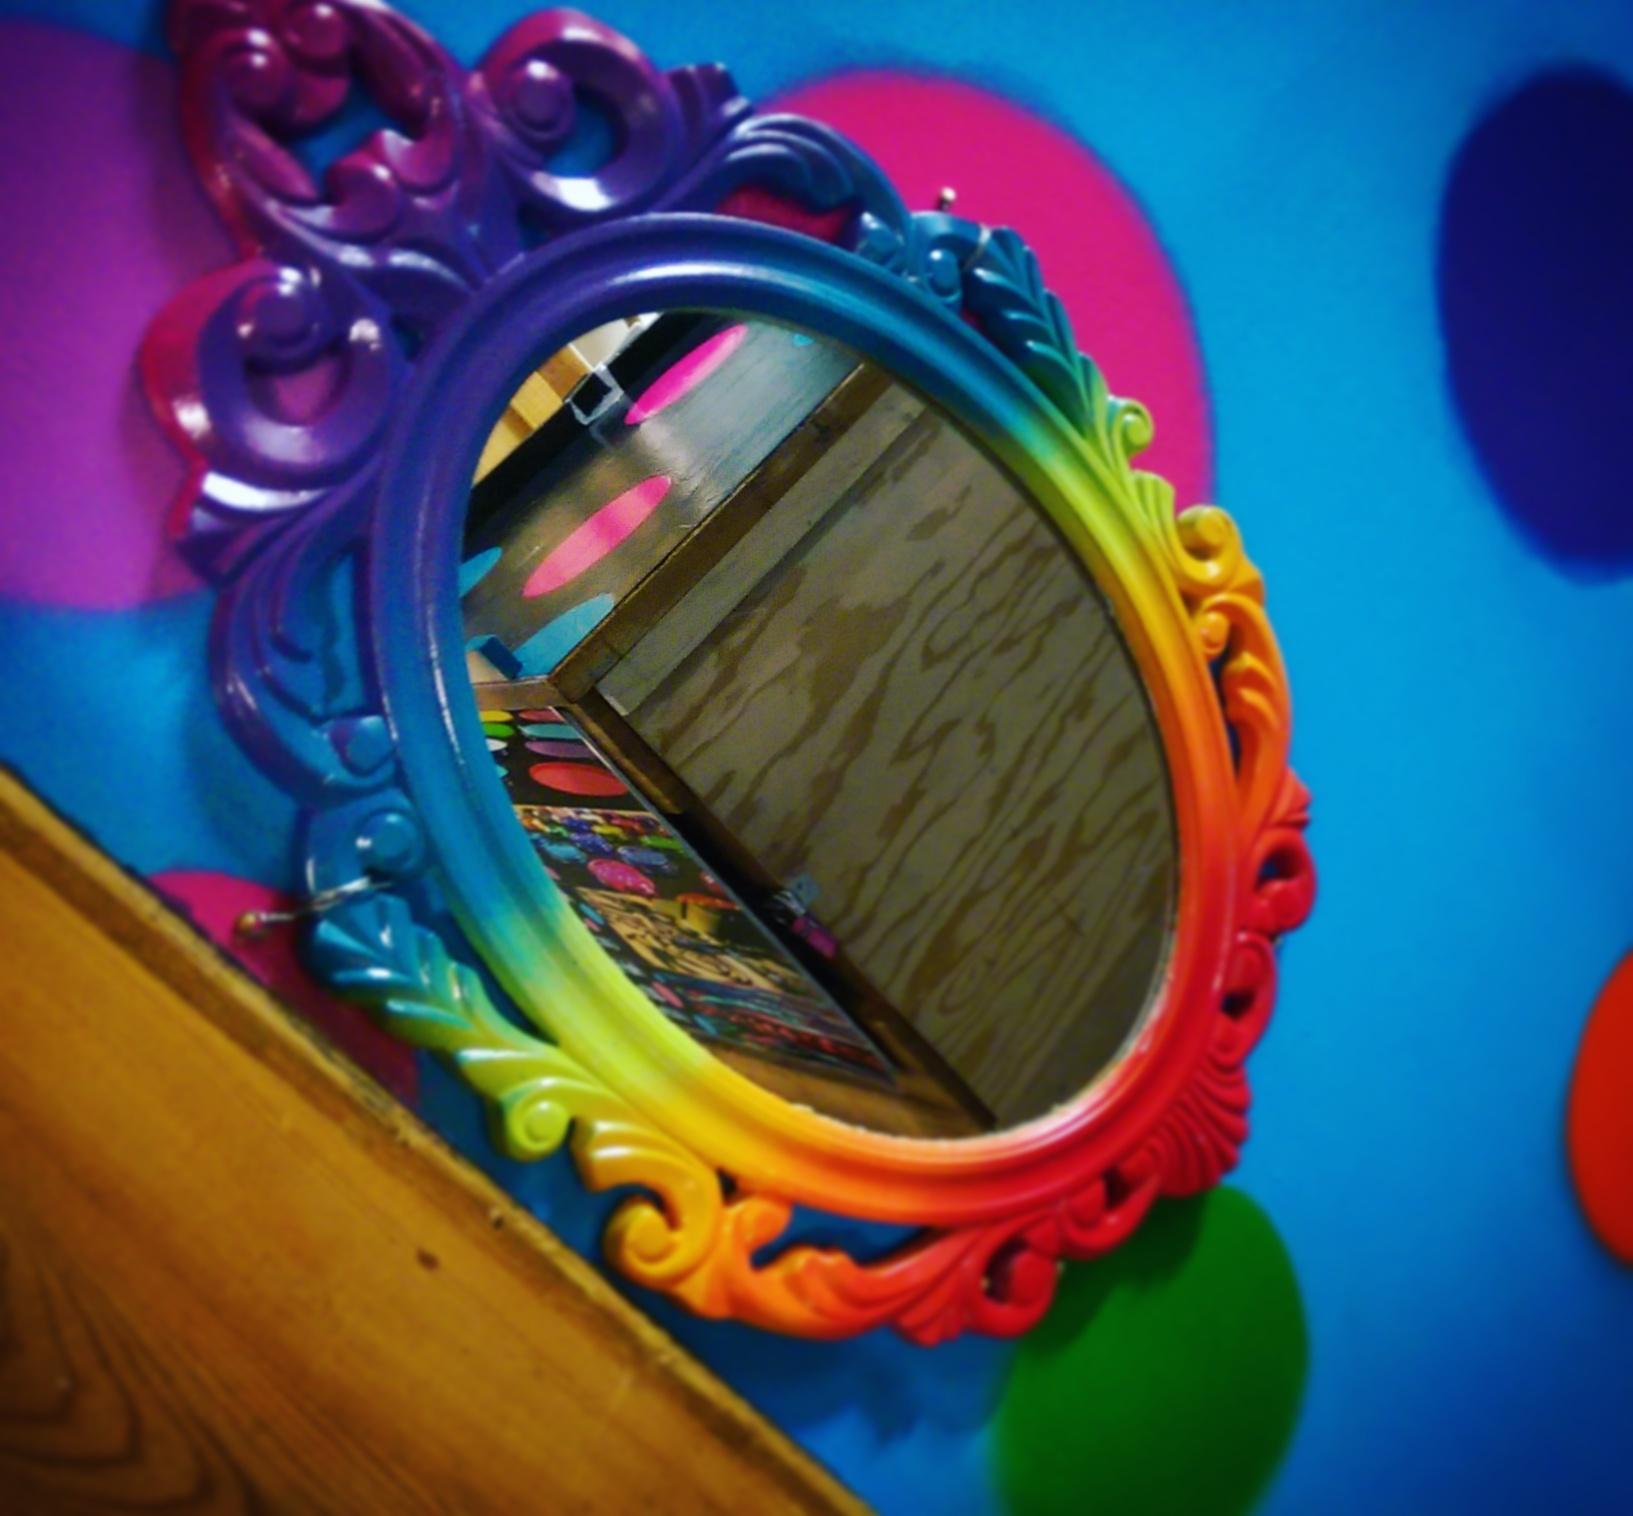 Rainbow mirror at the Calgary Farmers Market